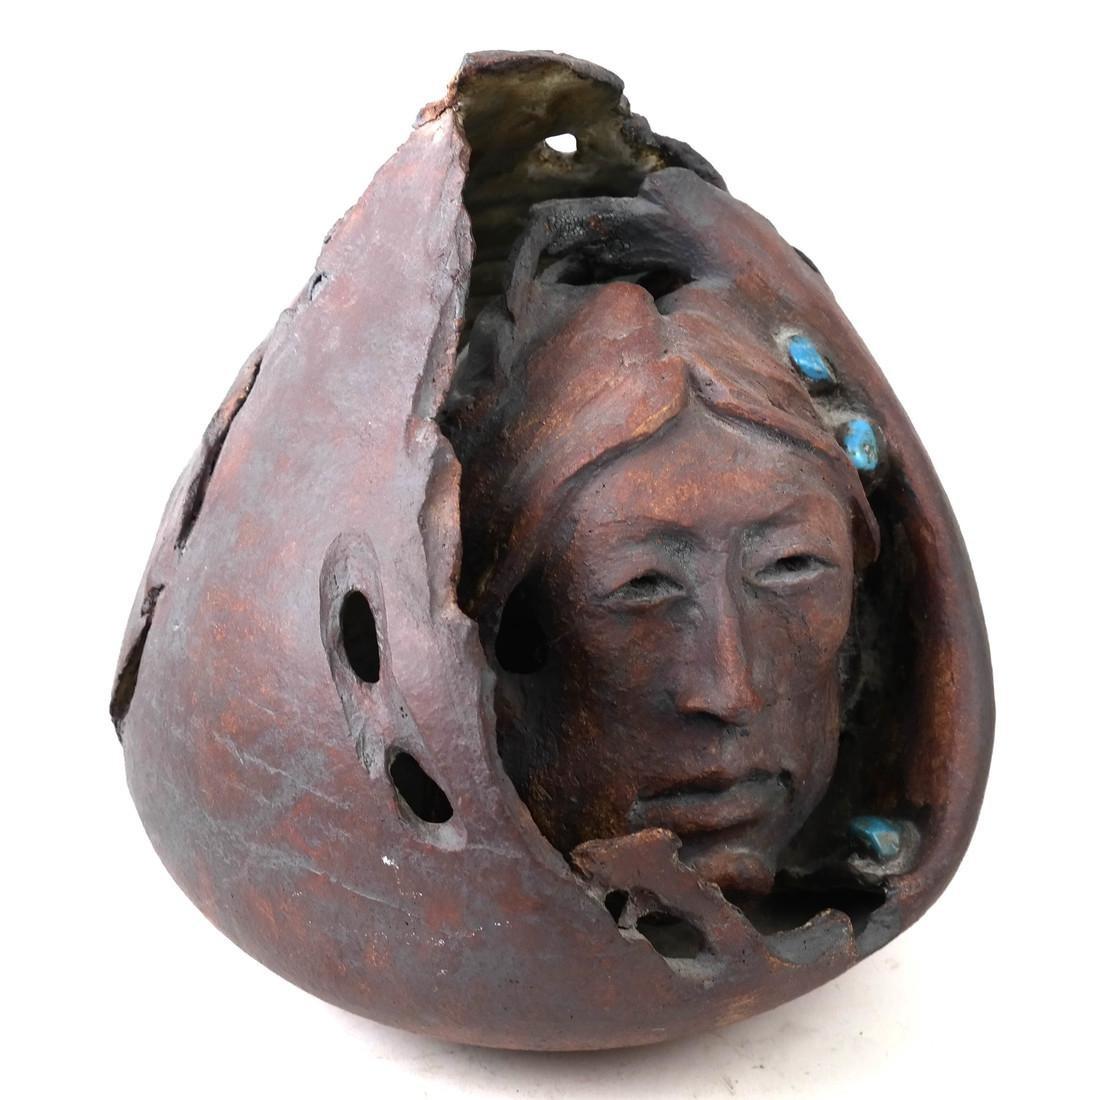 Lenore Beran Sculpture